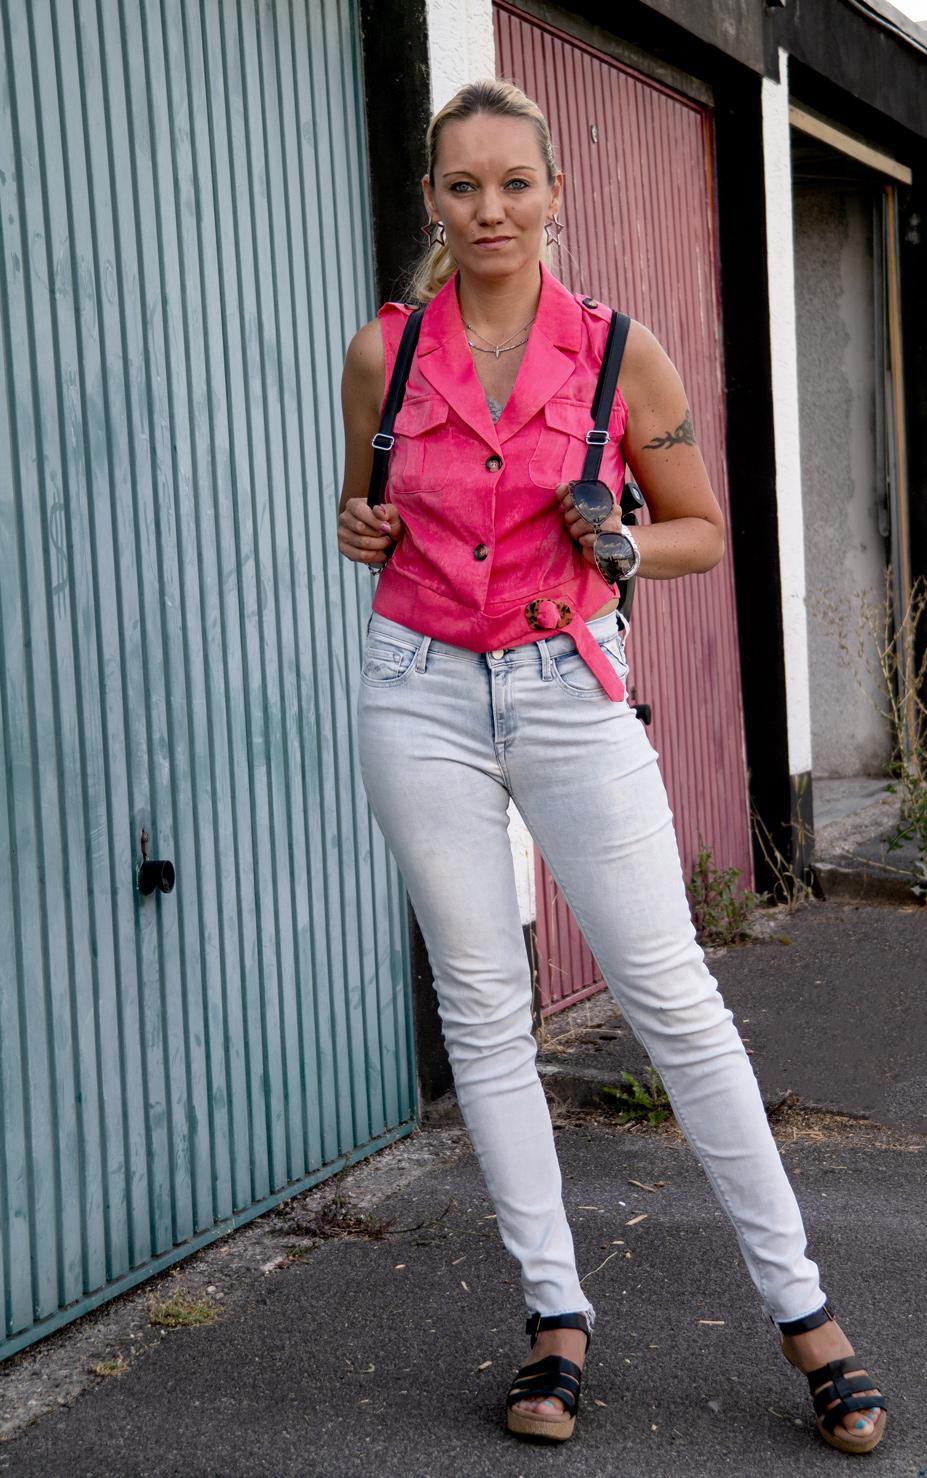 Pink Passion: Kaum ist der Sommer da, brauchen wir Frauen definitiv etwas Farbe im Leben. Die Trendfarbe Pink zu kombinieren ist aber manchmal gar nicht so einfach, weswegen ich Euch ein entspanntes Sommeroutfit mit dem It-Peace in Pink zeigen möchte | Hot Port Life & Style | 30+ Mode & Trends Blog